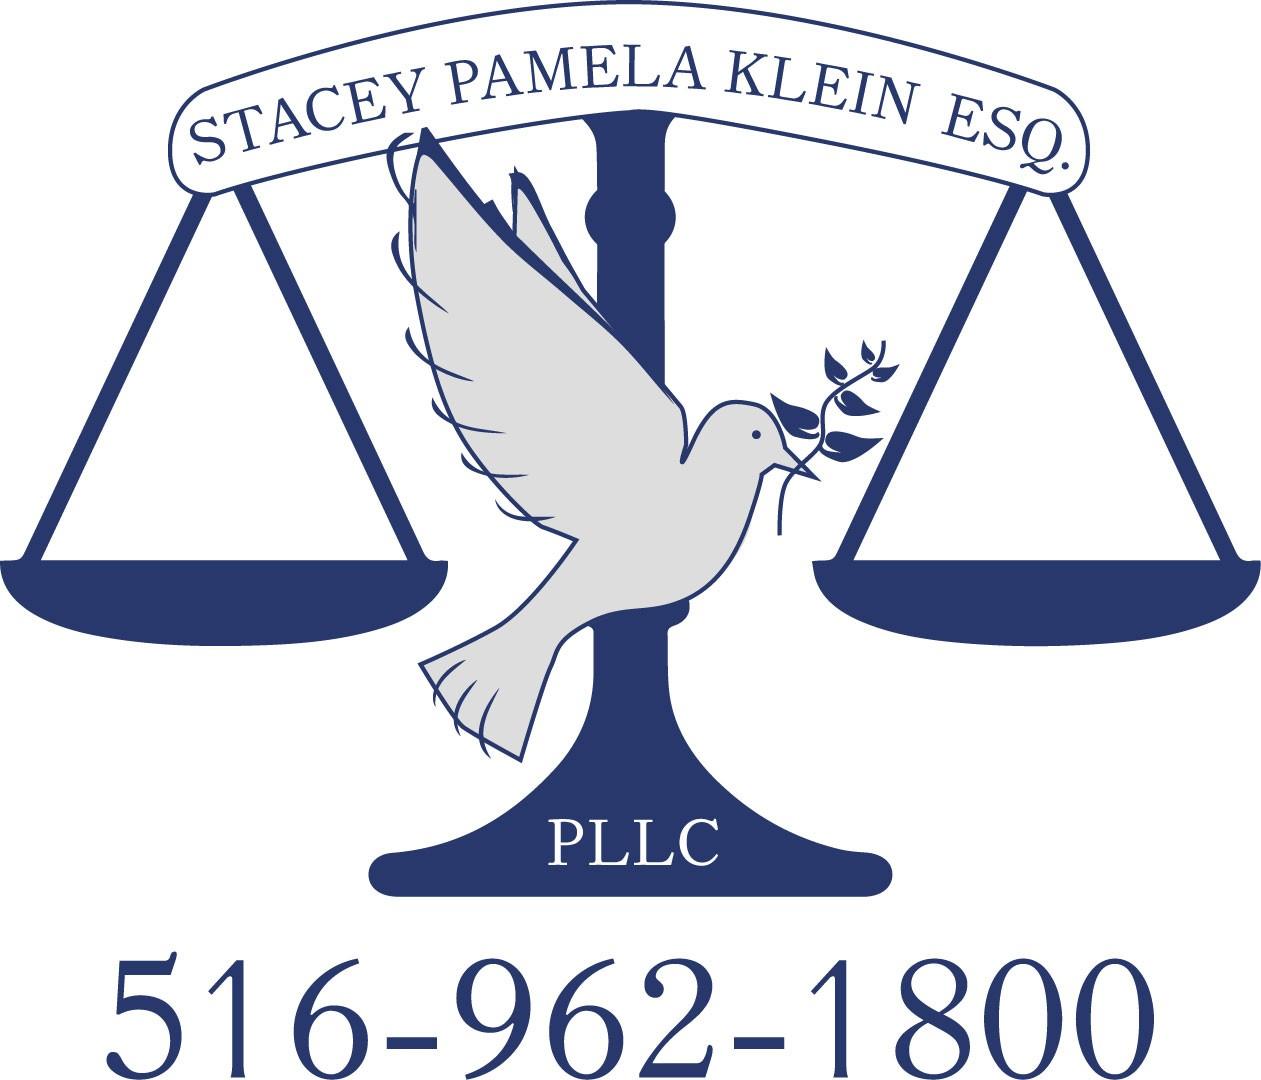 Stacey Pamela Klein, Esq. PLLC